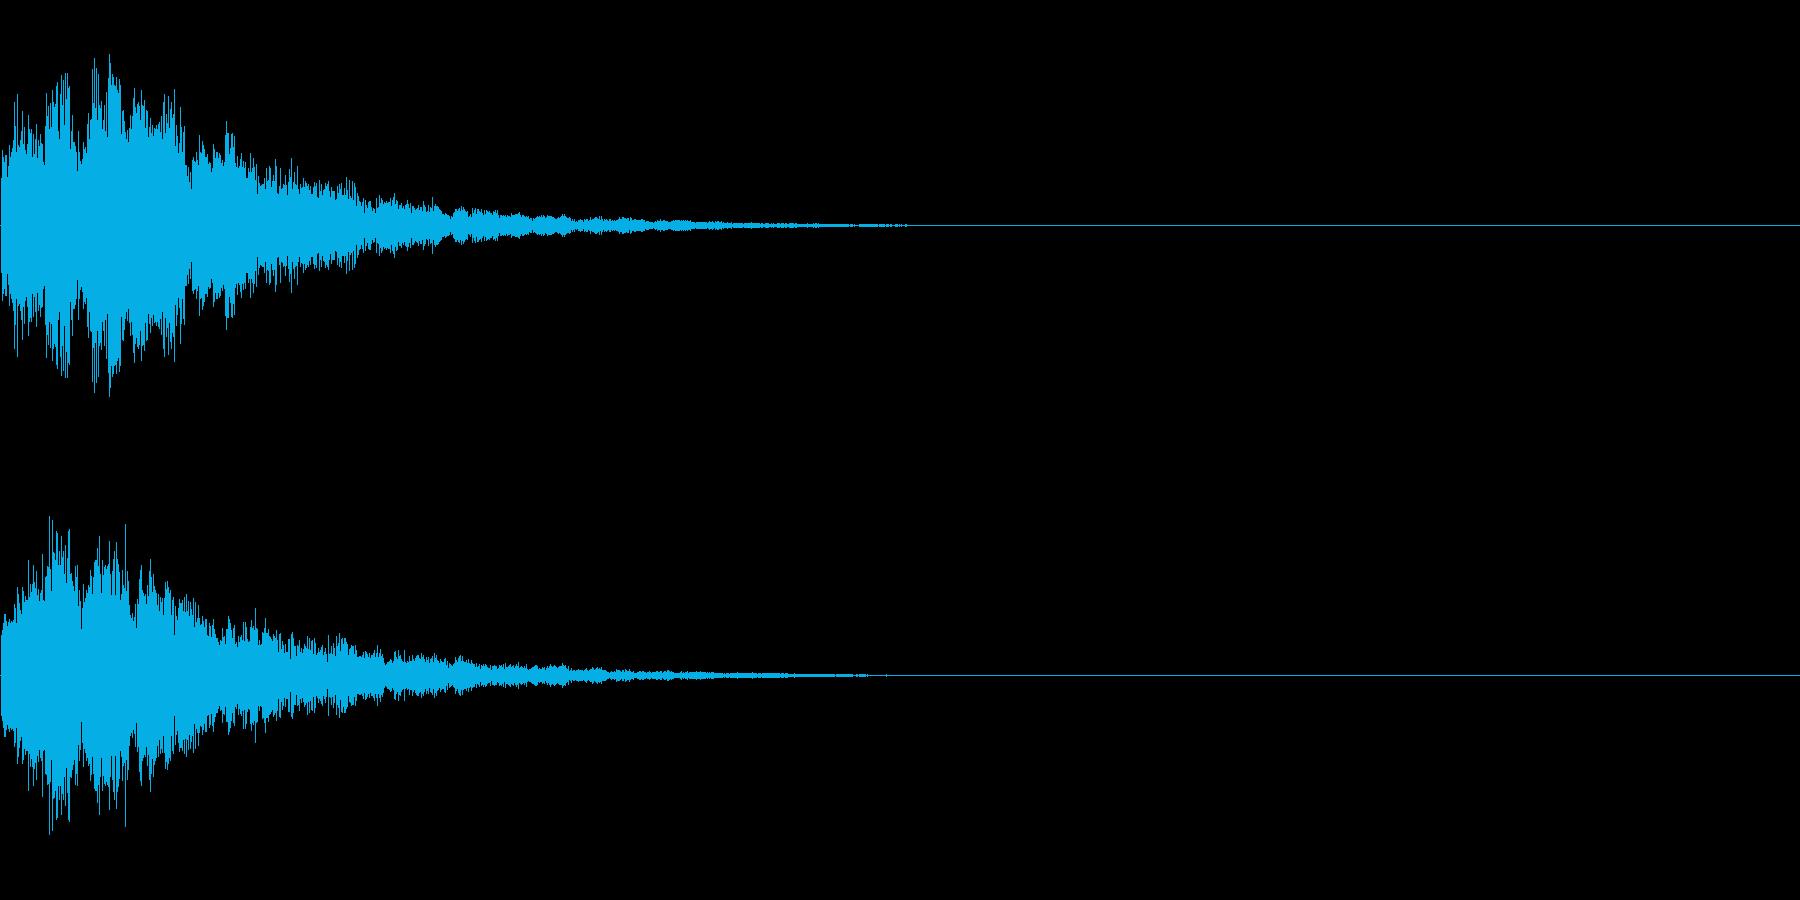 キラーン(アイテム使用音)の再生済みの波形